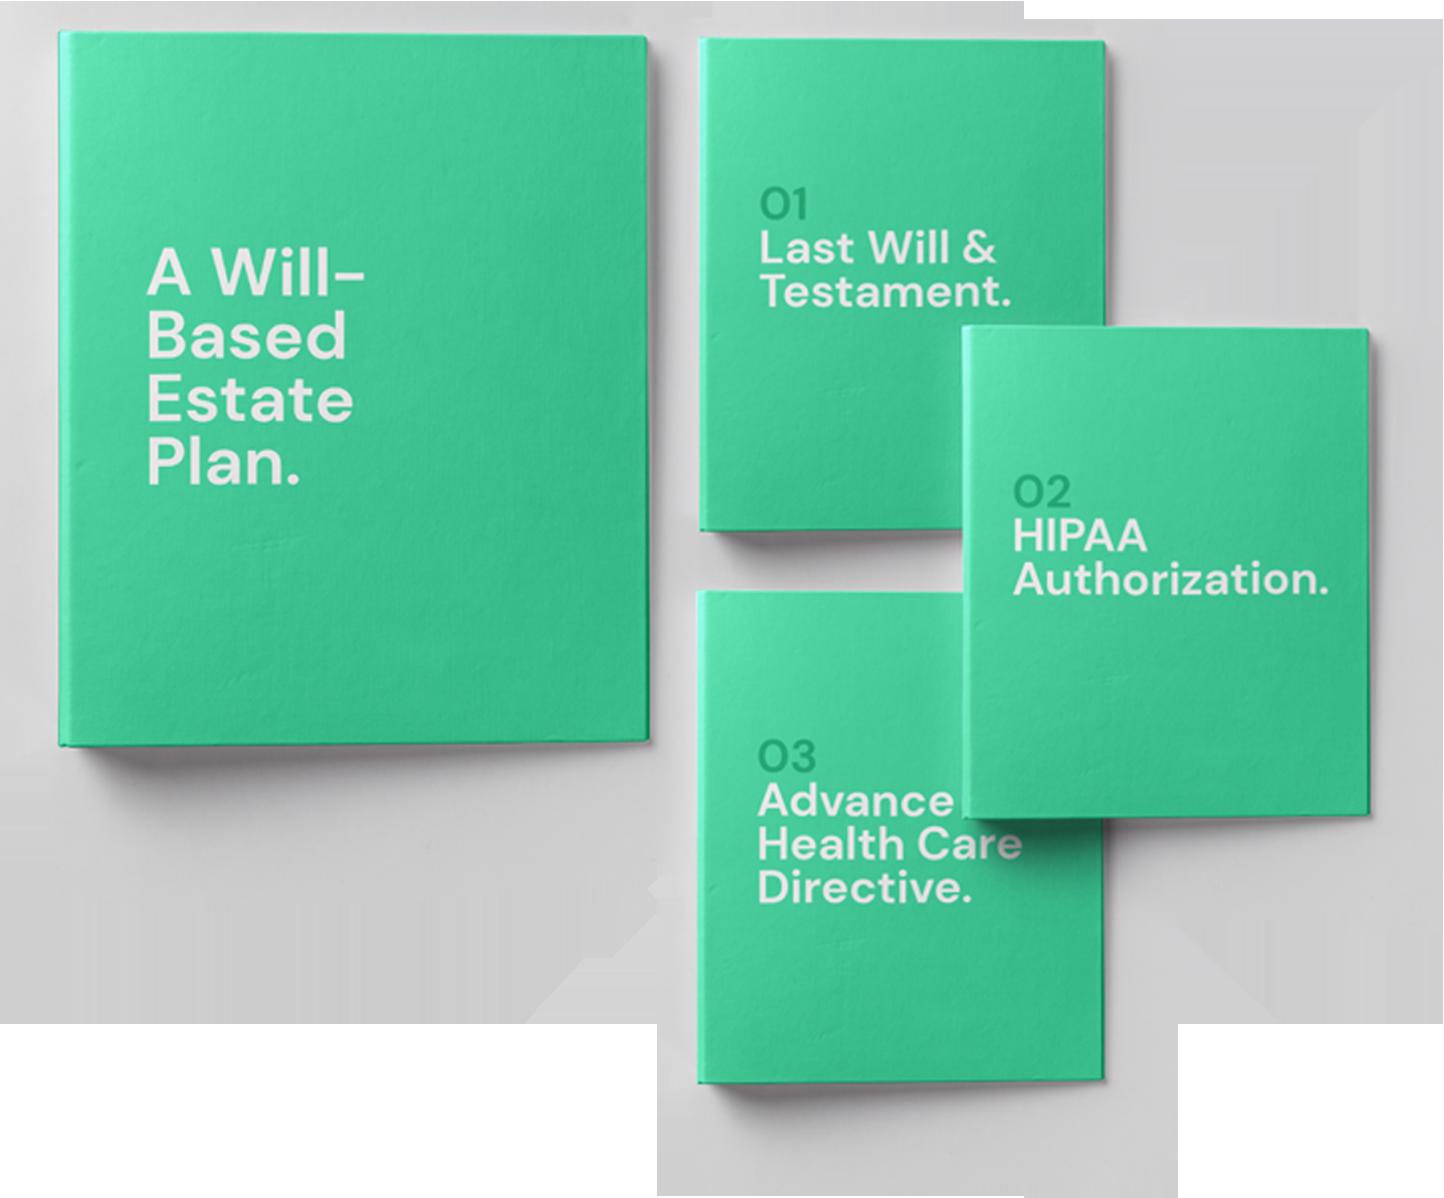 Will-Based Estate Plan